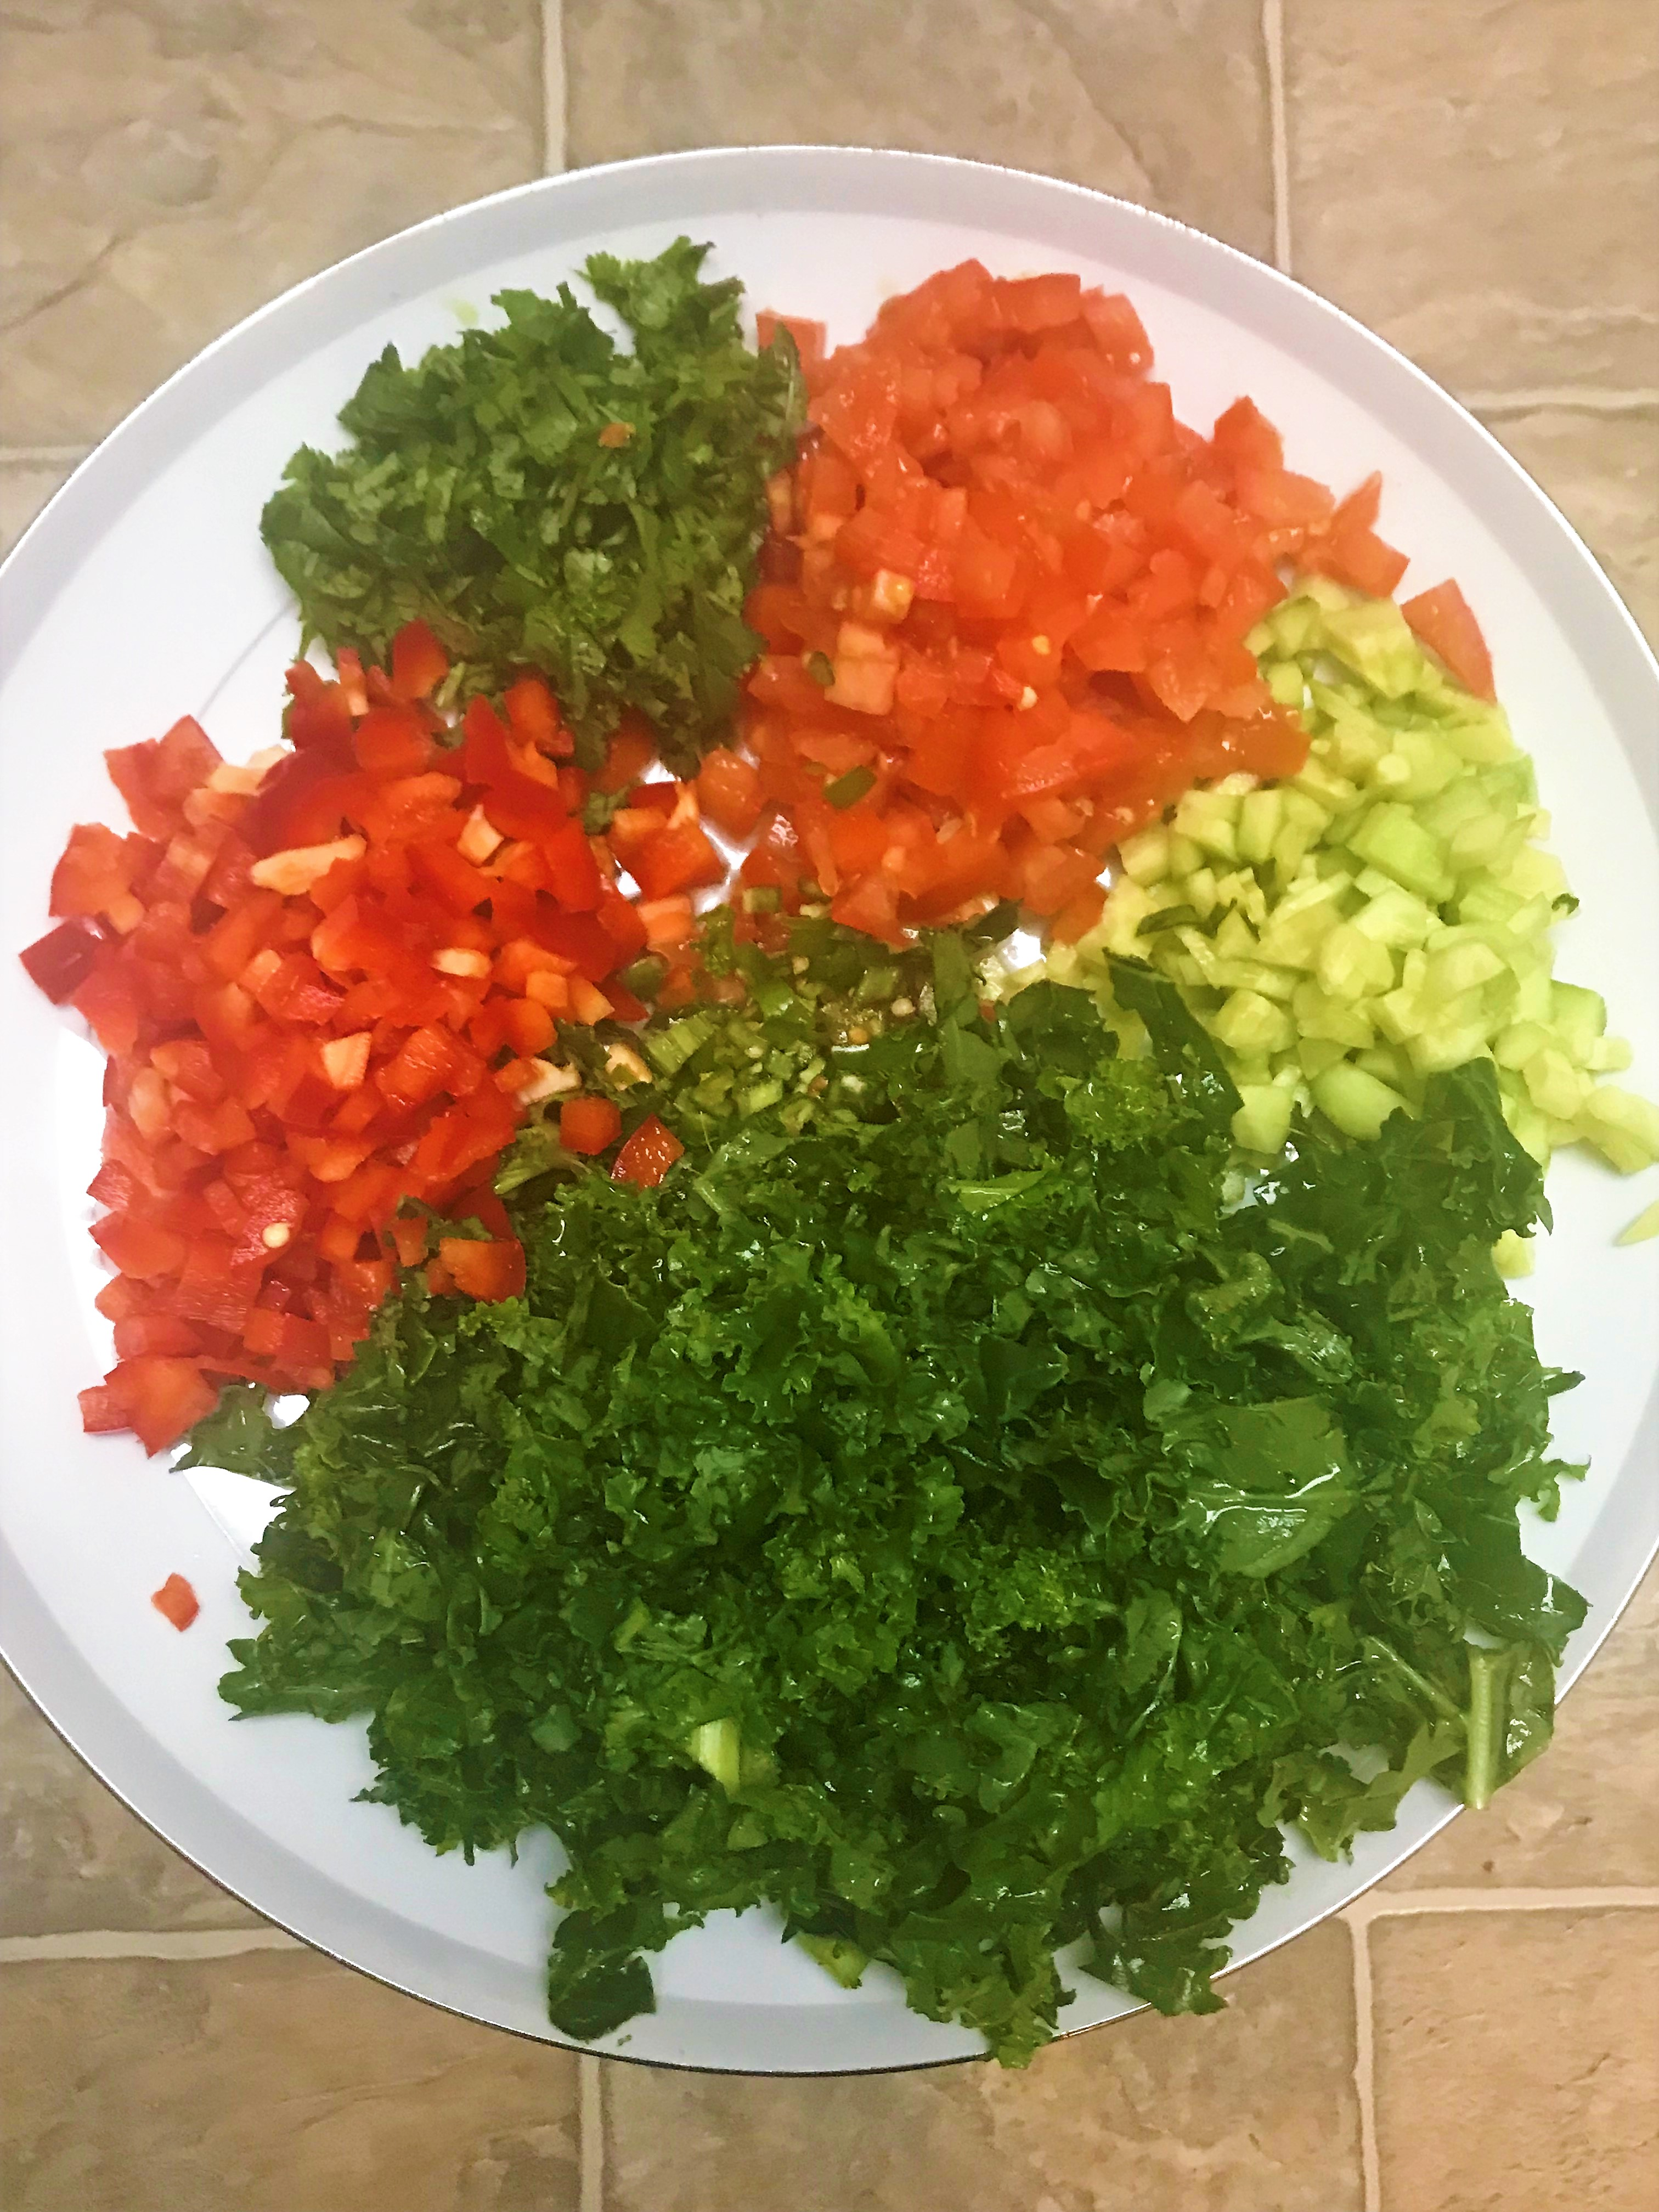 Légumes colorés et hachés pour la salade de quinoa.